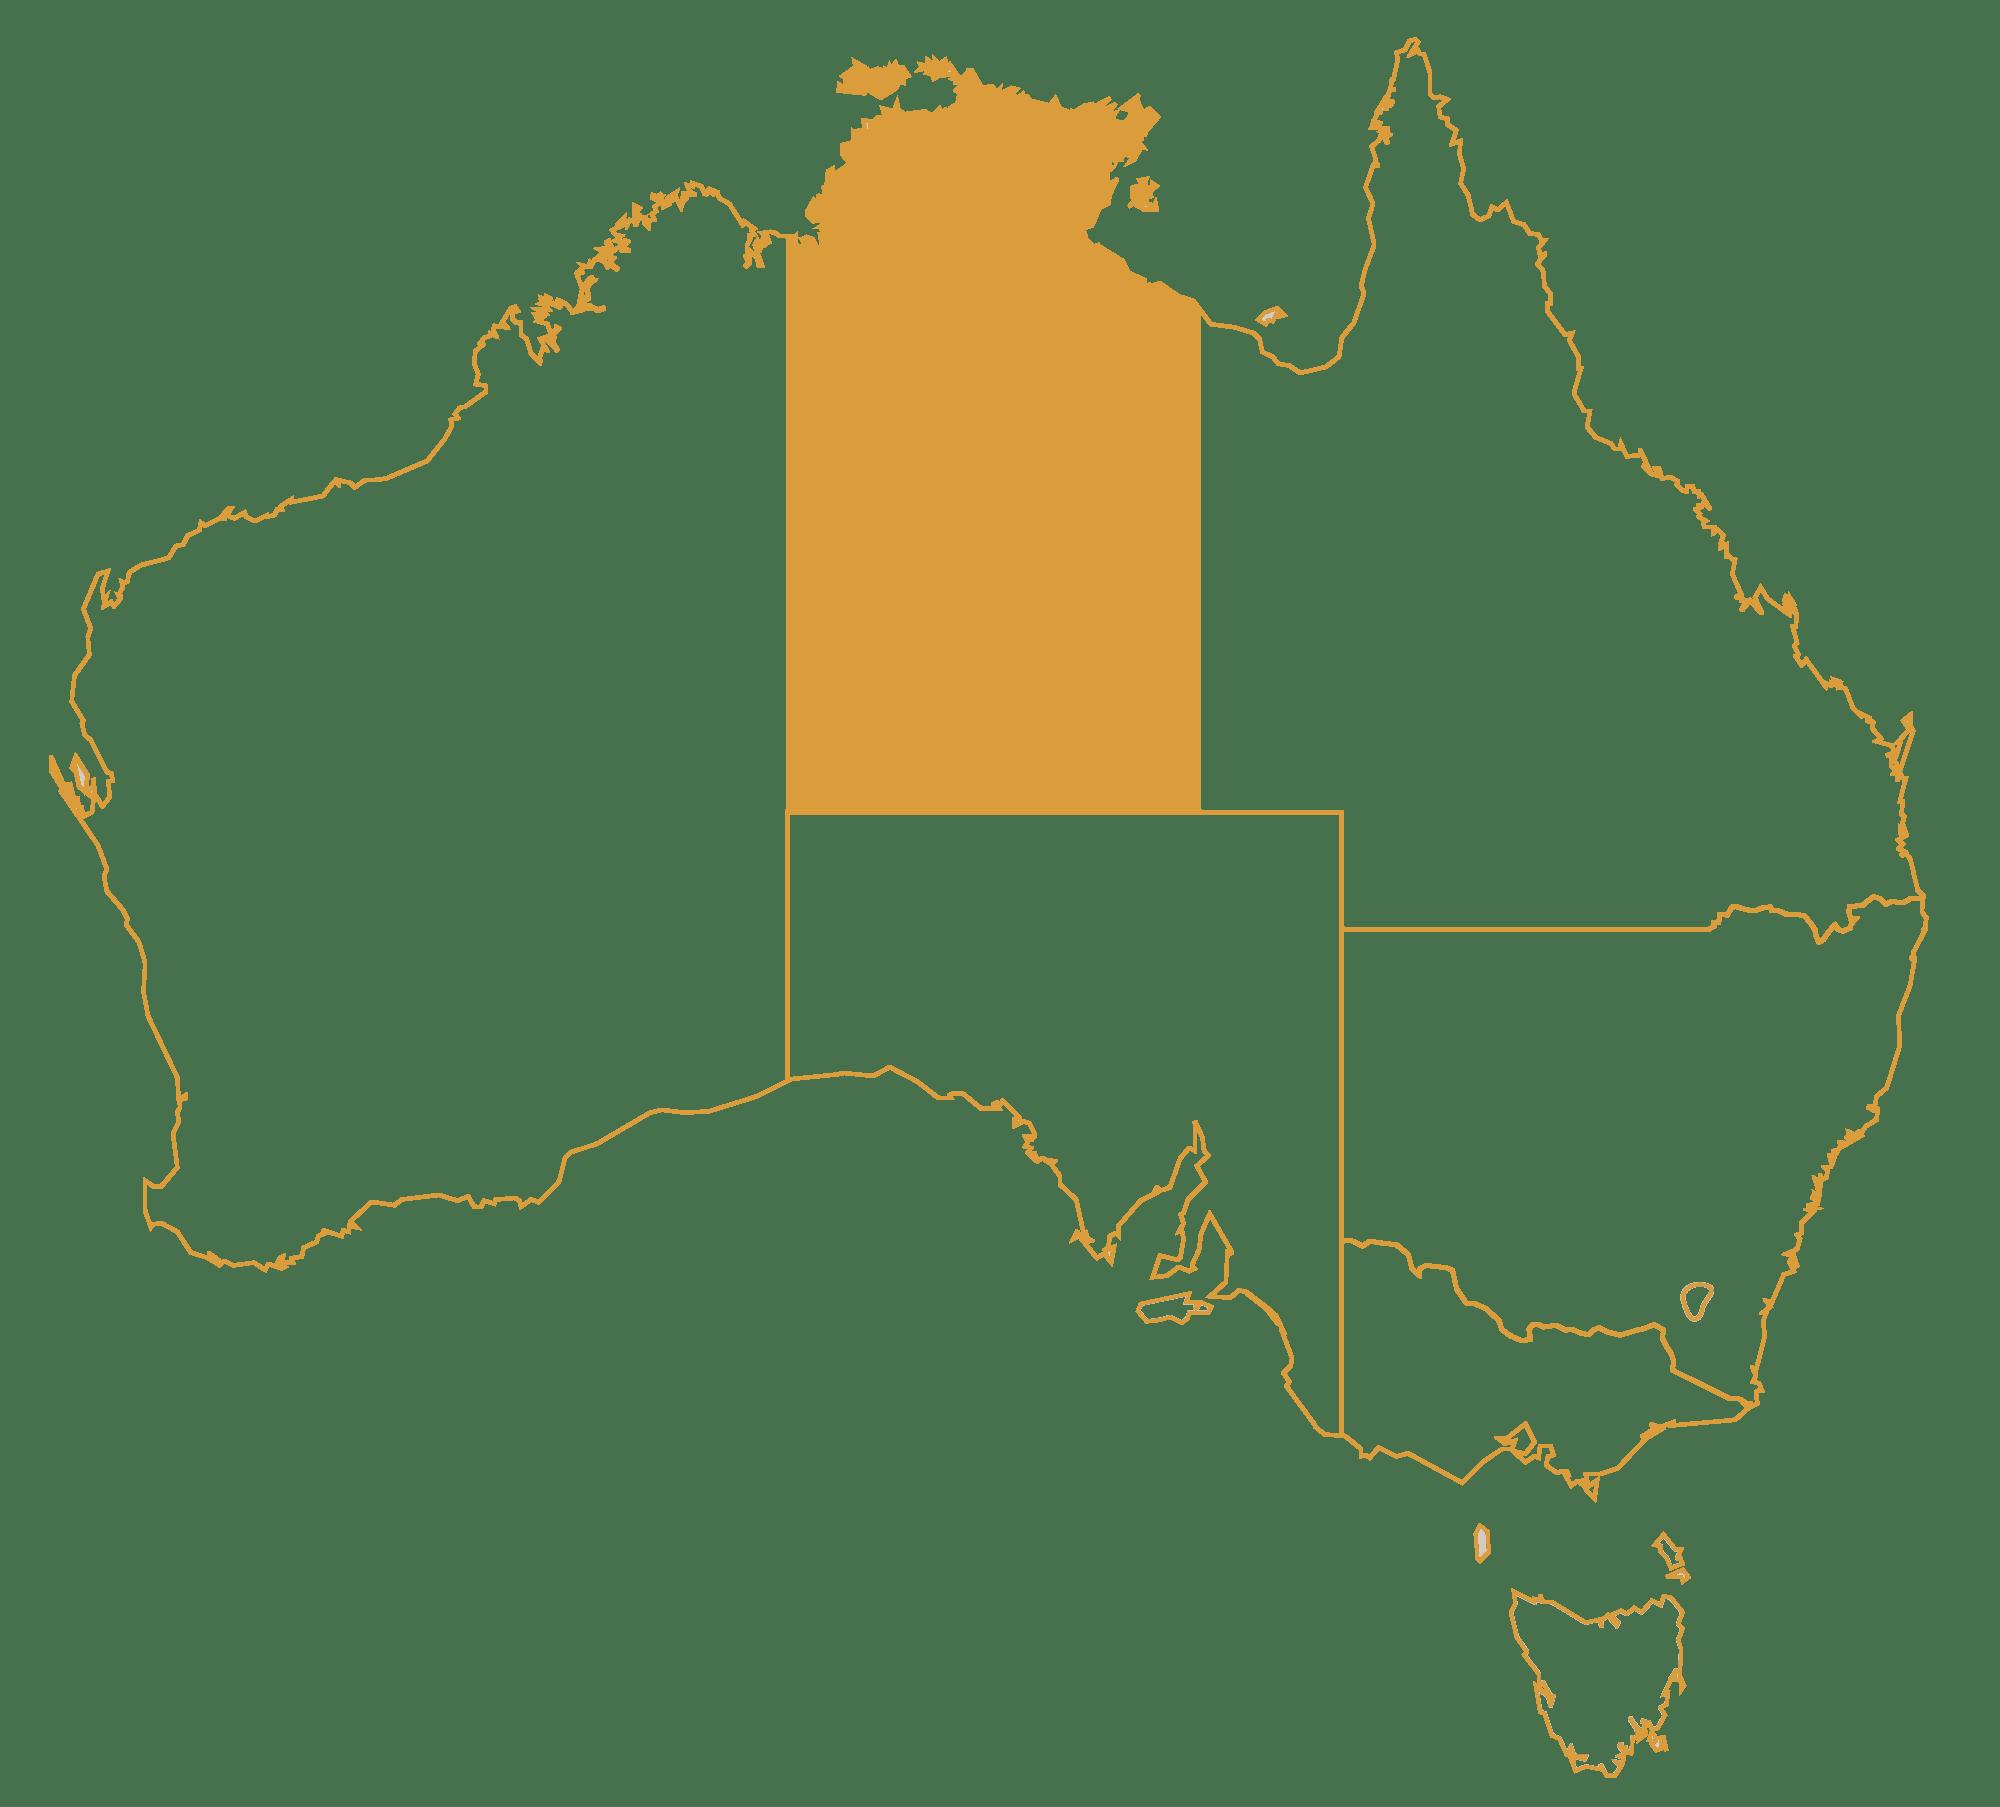 Australia-NorthernAustralia